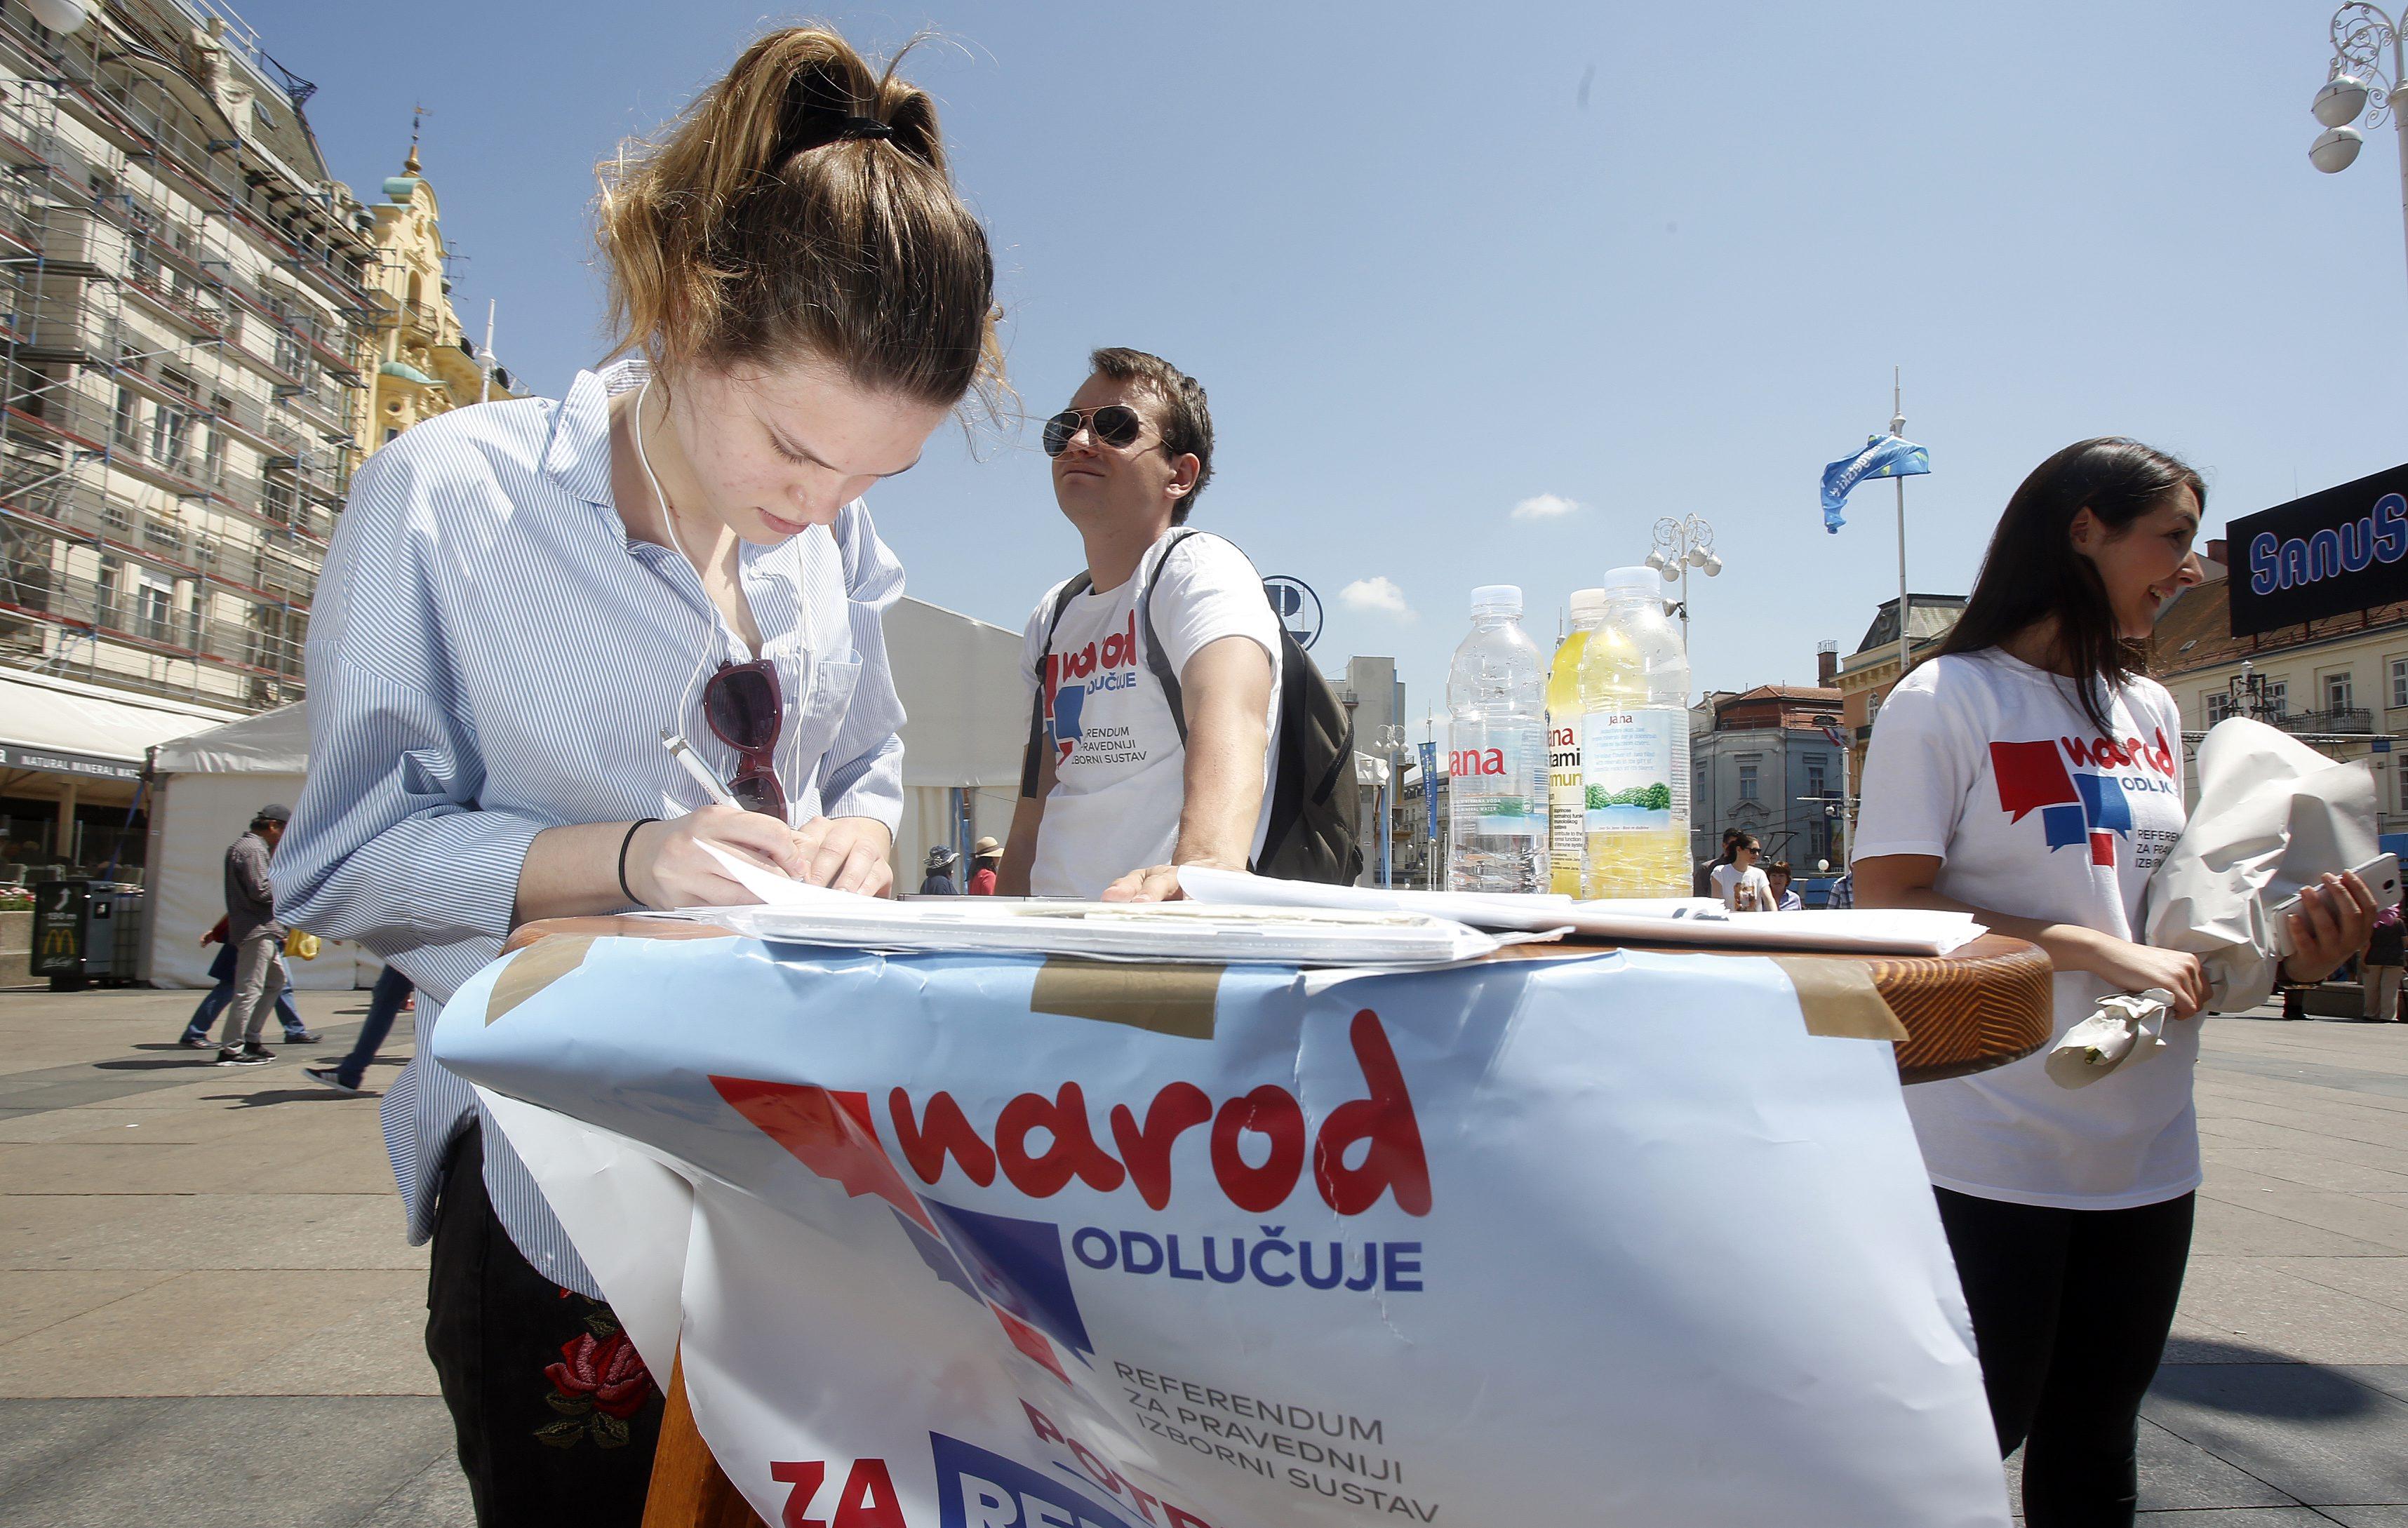 Prikupljanje potpisa na Trgu bana Josipa Jelačića u Zagrebu